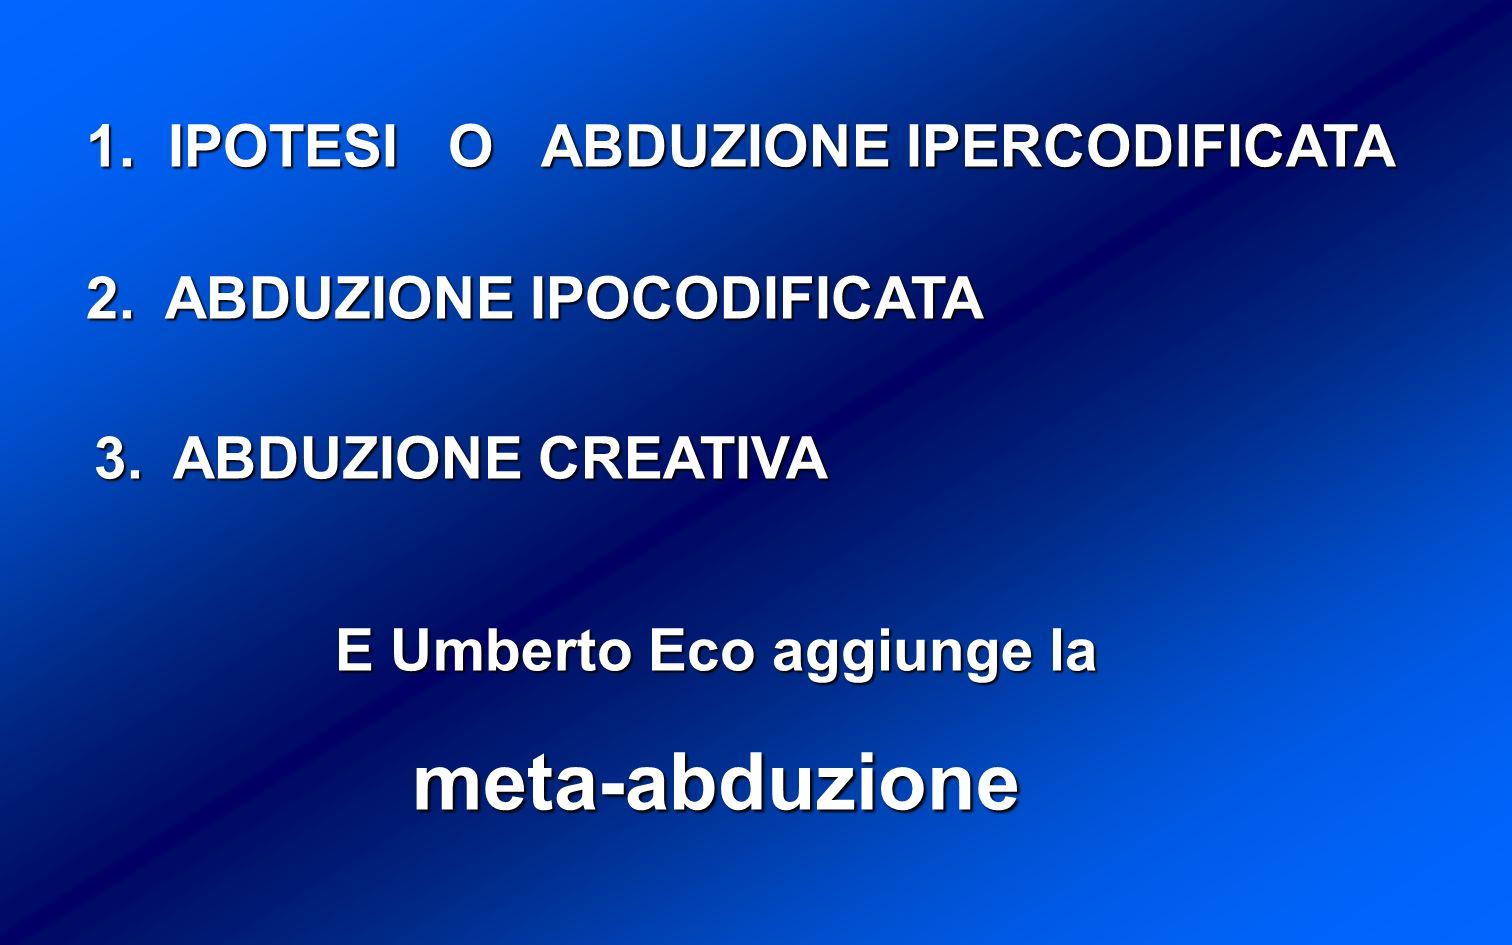 1.IPOTESI O ABDUZIONE IPERCODIFICATA 2. ABDUZIONE IPOCODIFICATA 3.